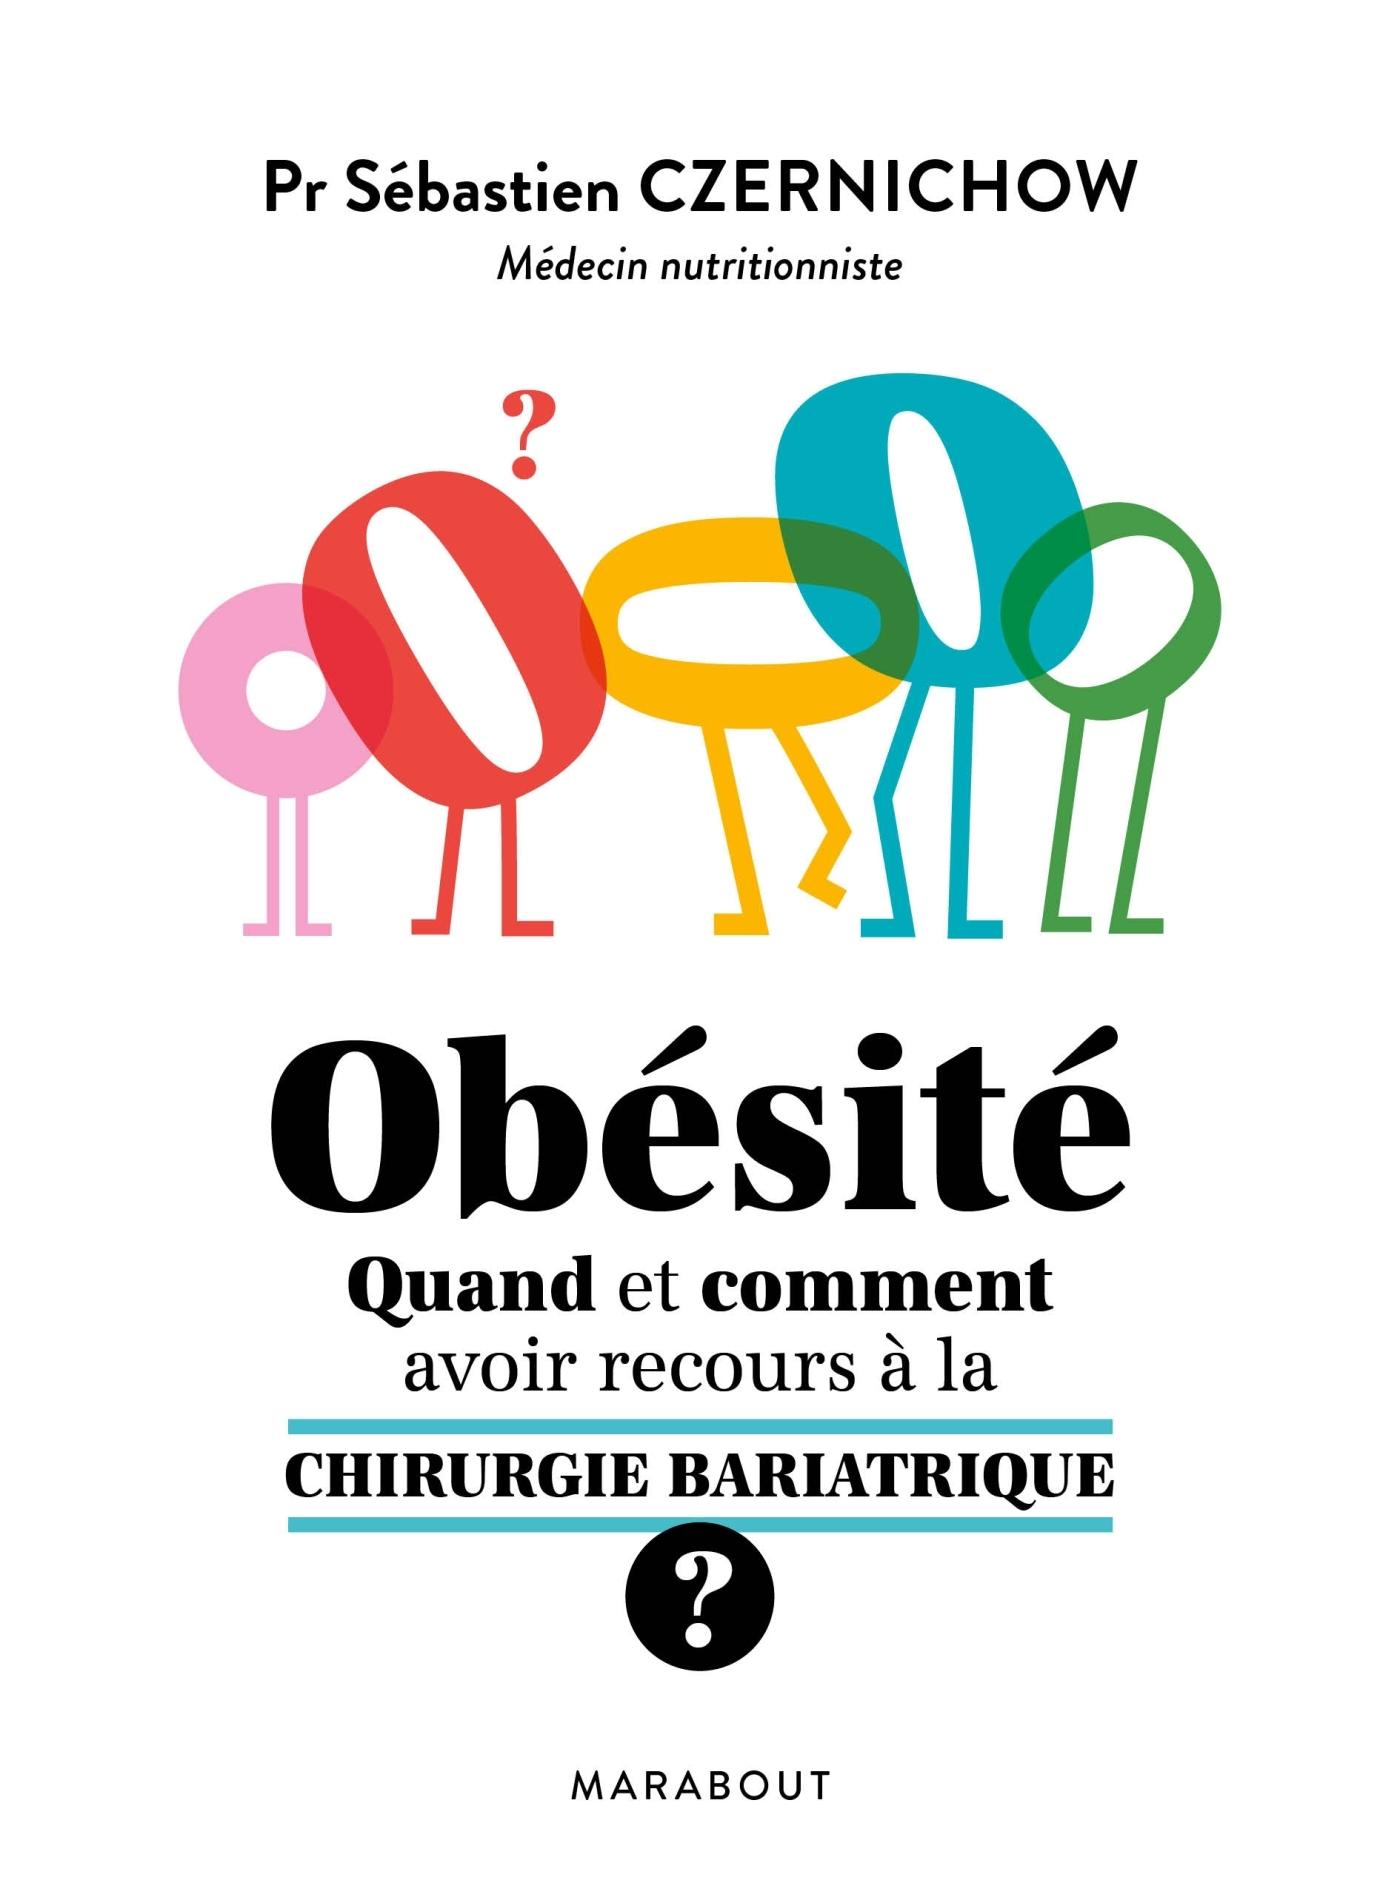 OBESITE QUAND ET COMMENT FAIRE APPEL A LA CHIRURGIE